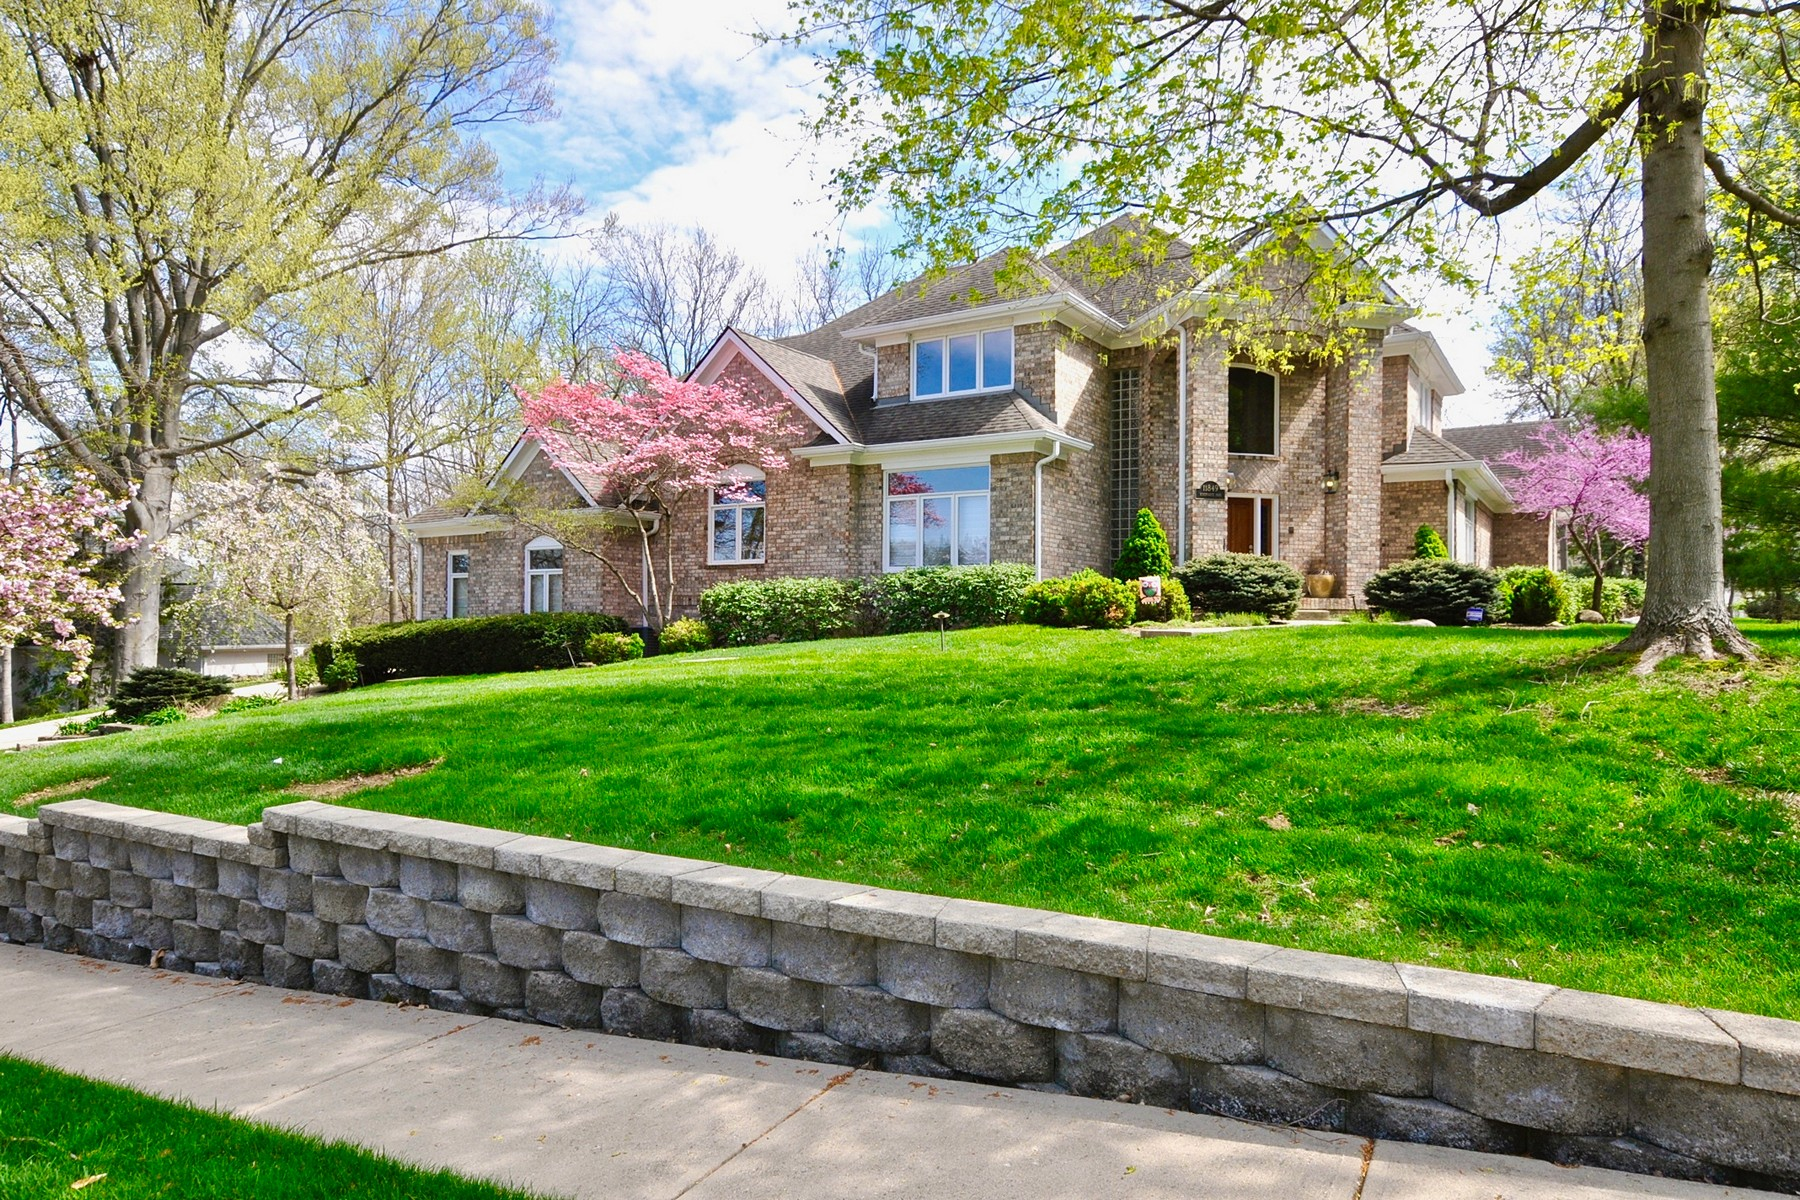 Maison unifamiliale pour l Vente à Classic Home 11849 Windpointe Pass Carmel, Indiana, 46033 États-Unis